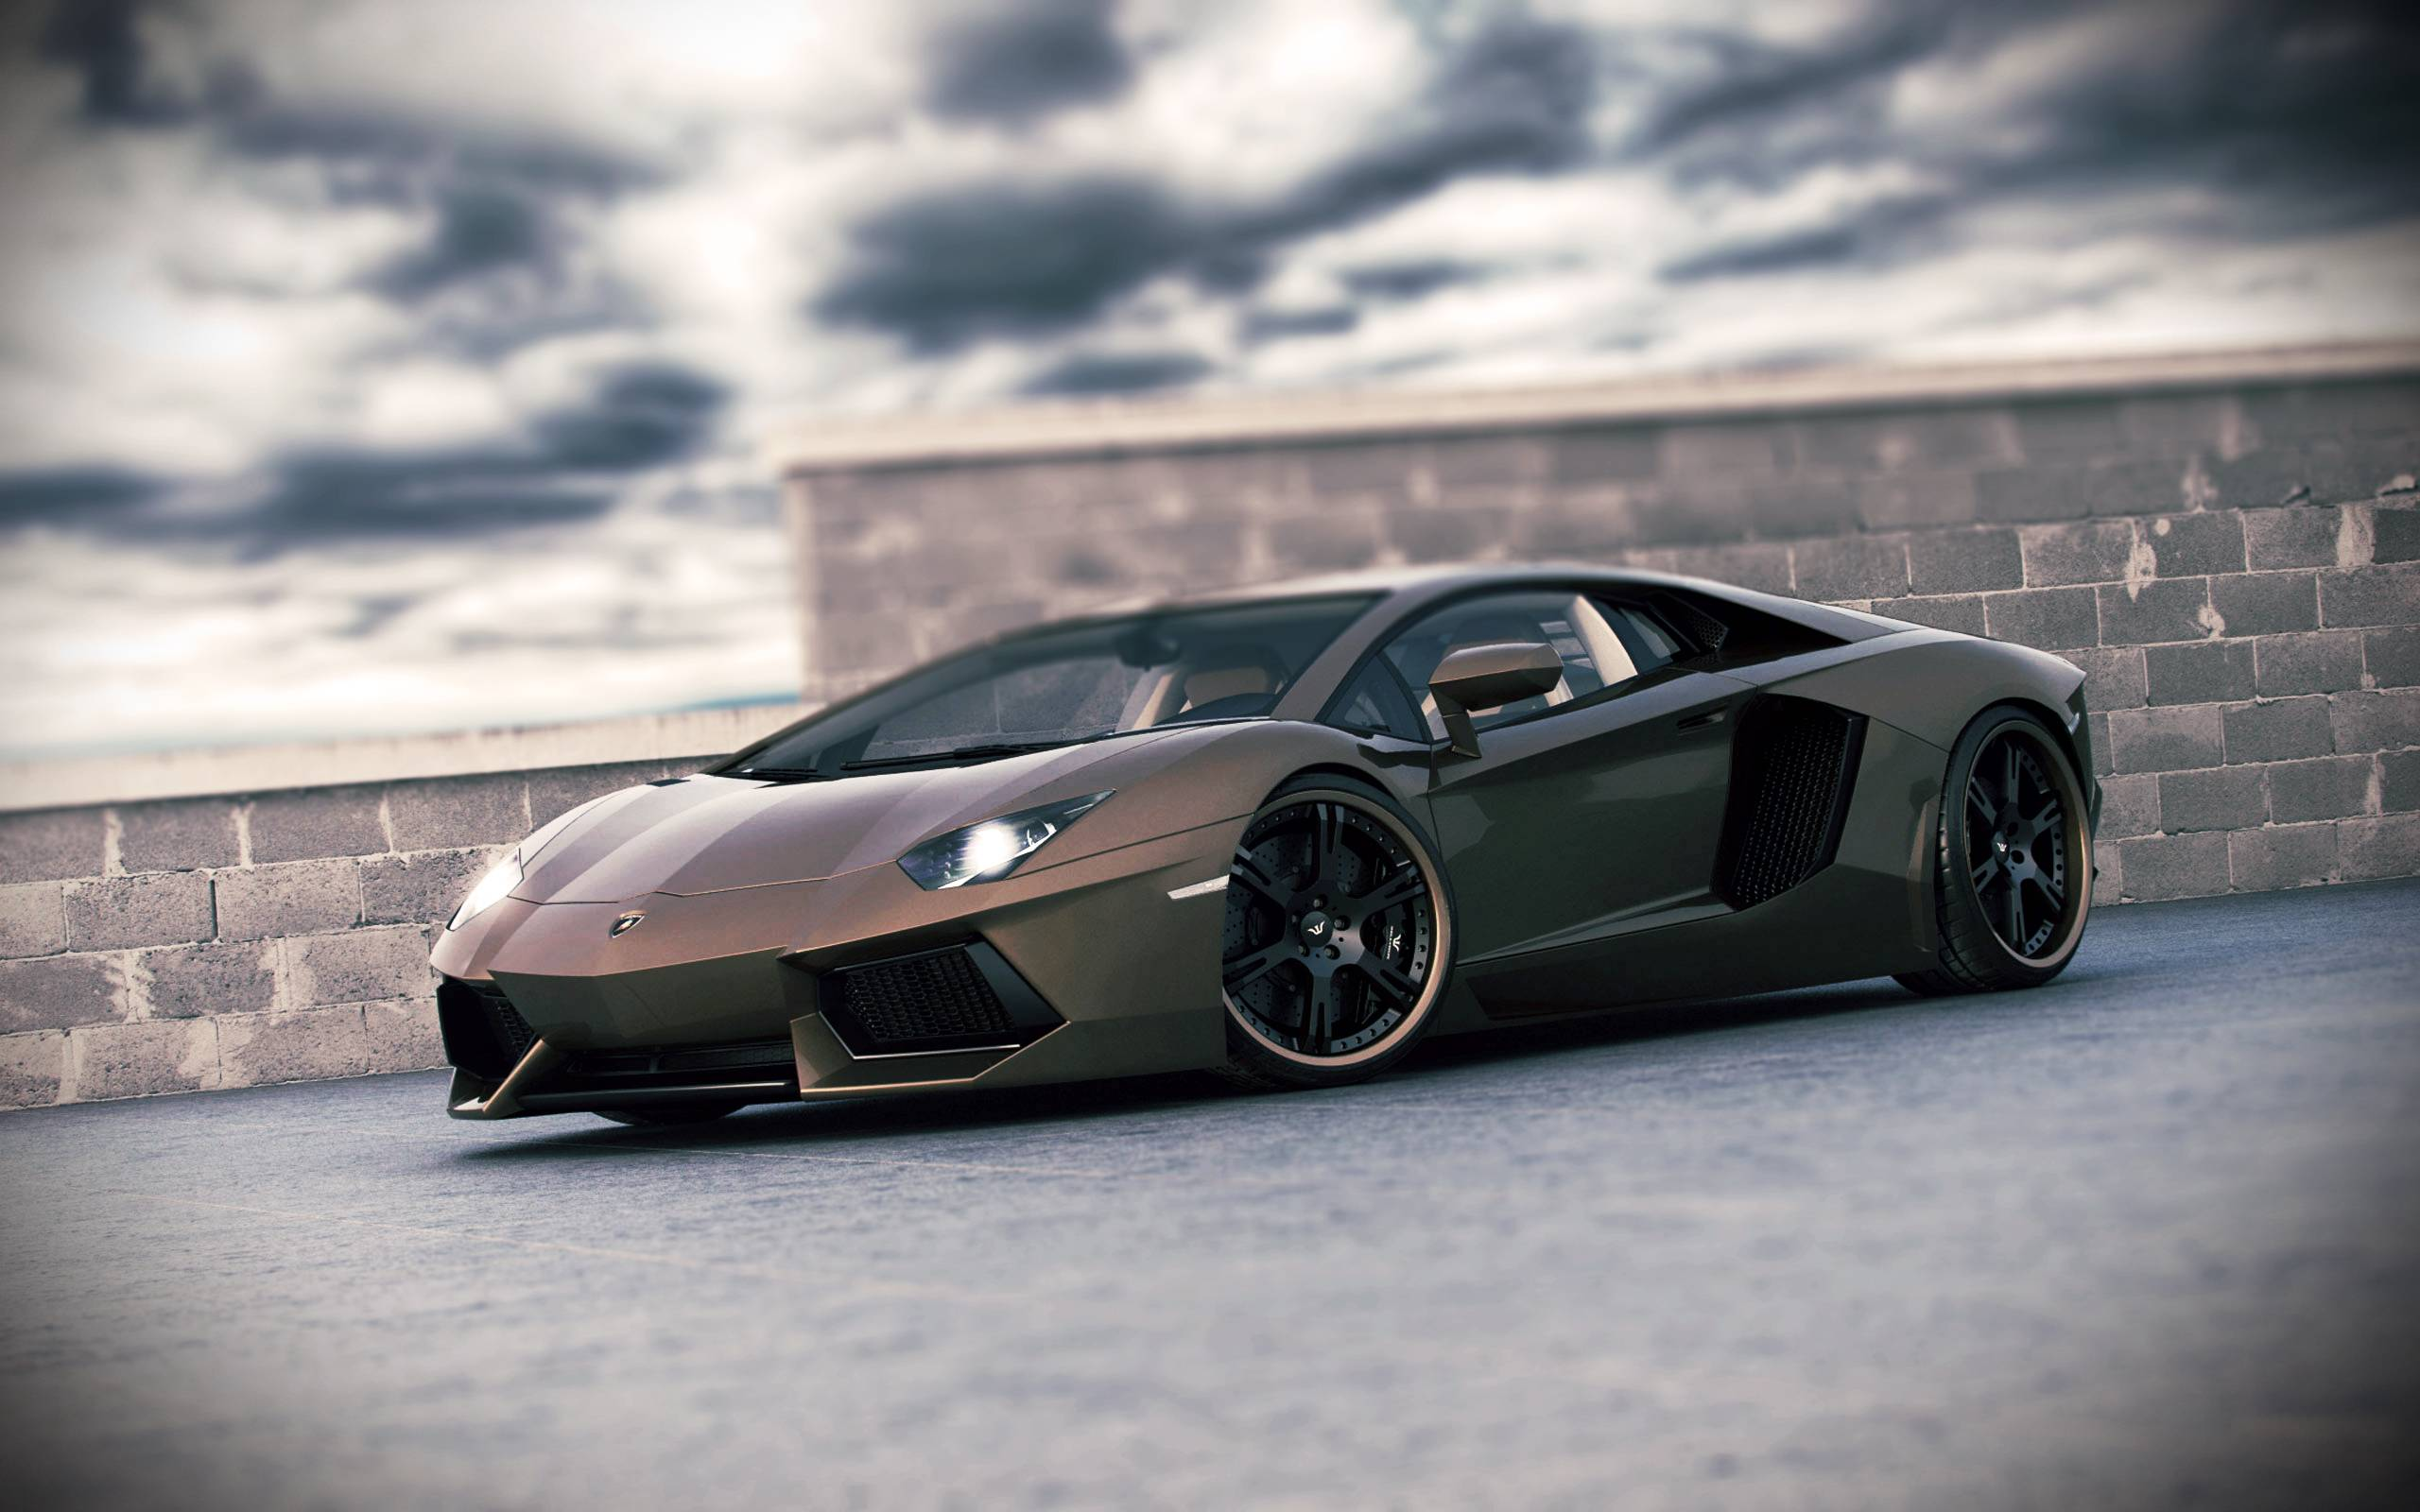 Lamborghini Wallpapers - Wallpaper Cave